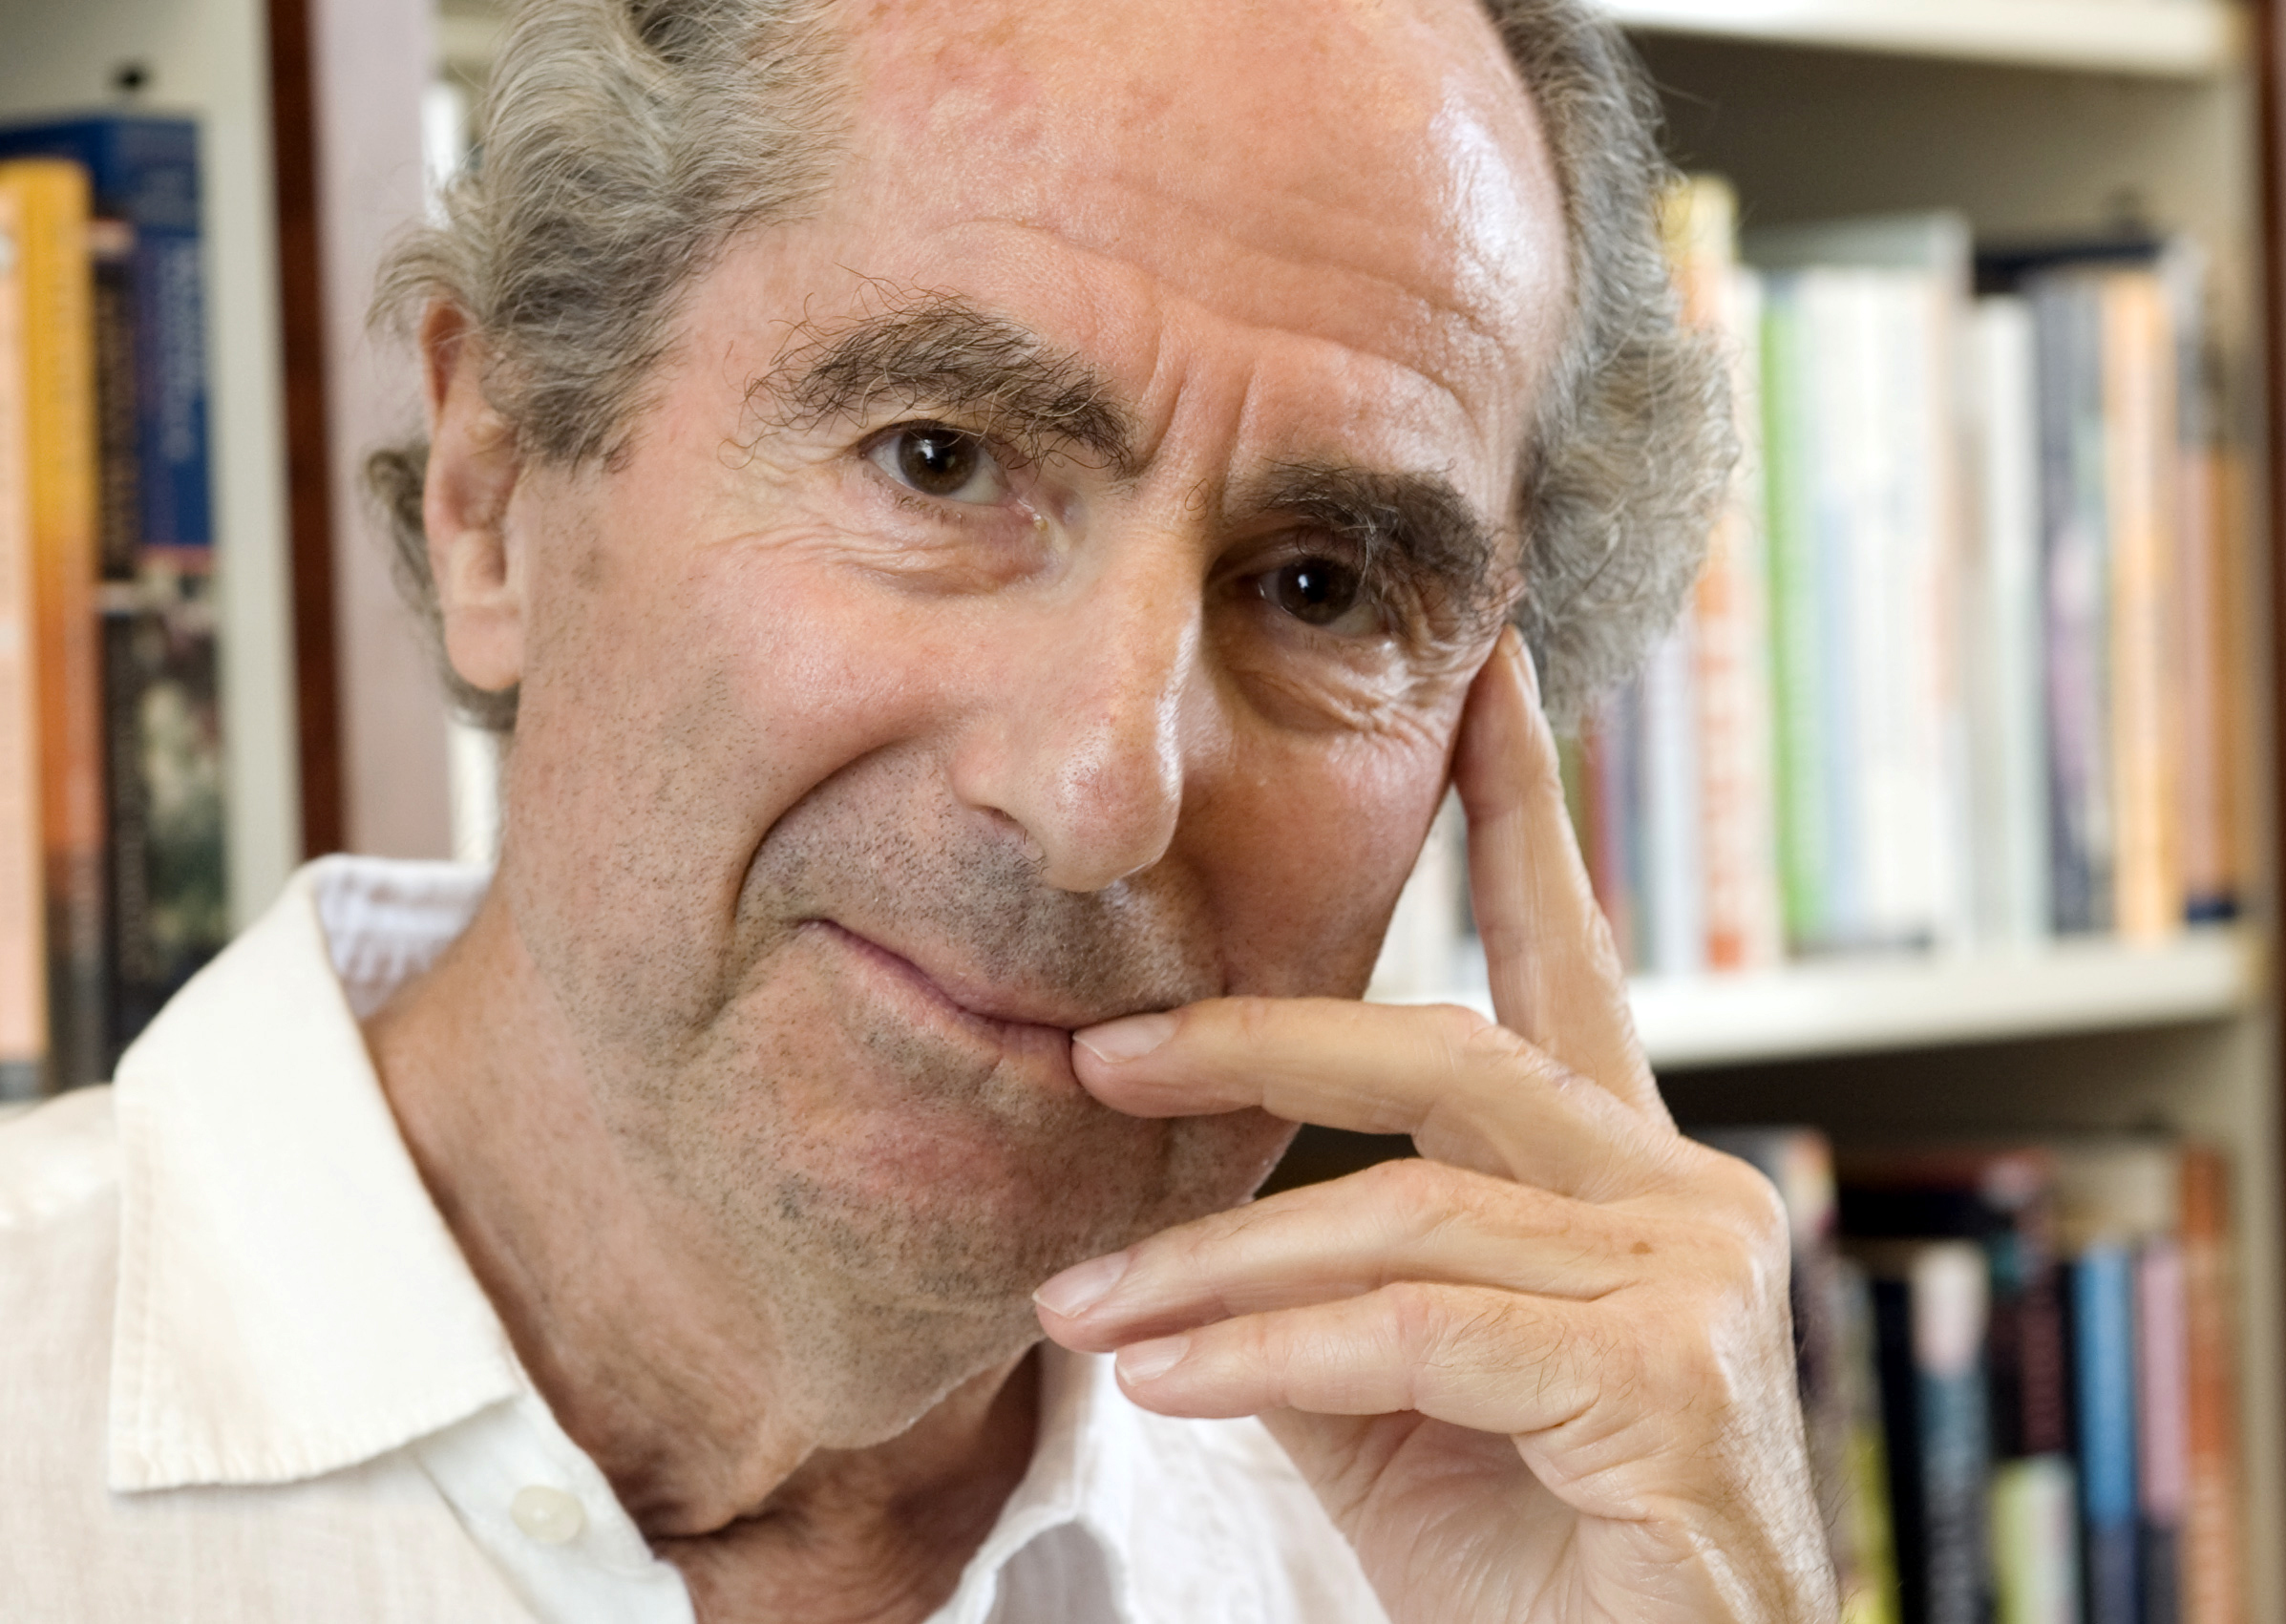 Fallece el célebre e intrépido escritor Philip Roth